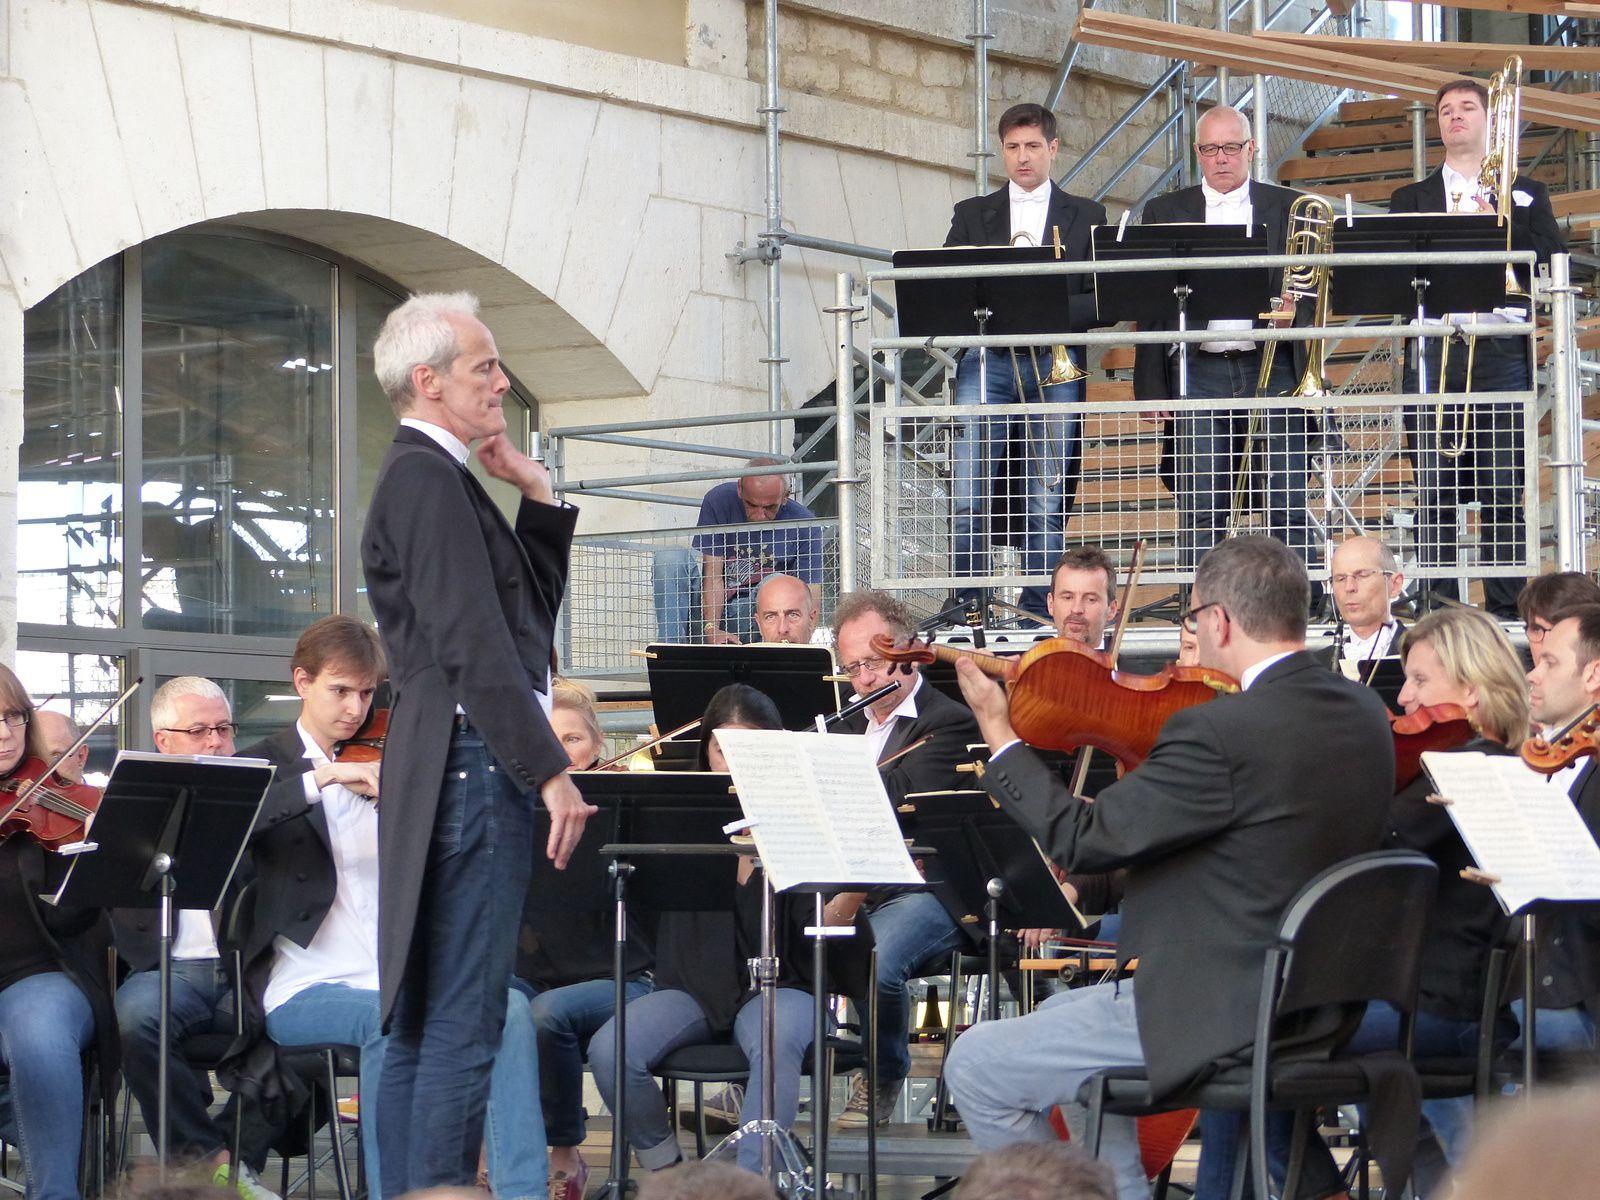 A Darwin, 3 dégustations de vin bio et la Symphonie N° 5  jouée par l'orchestre du TNBA dirigé par Paul Daniel